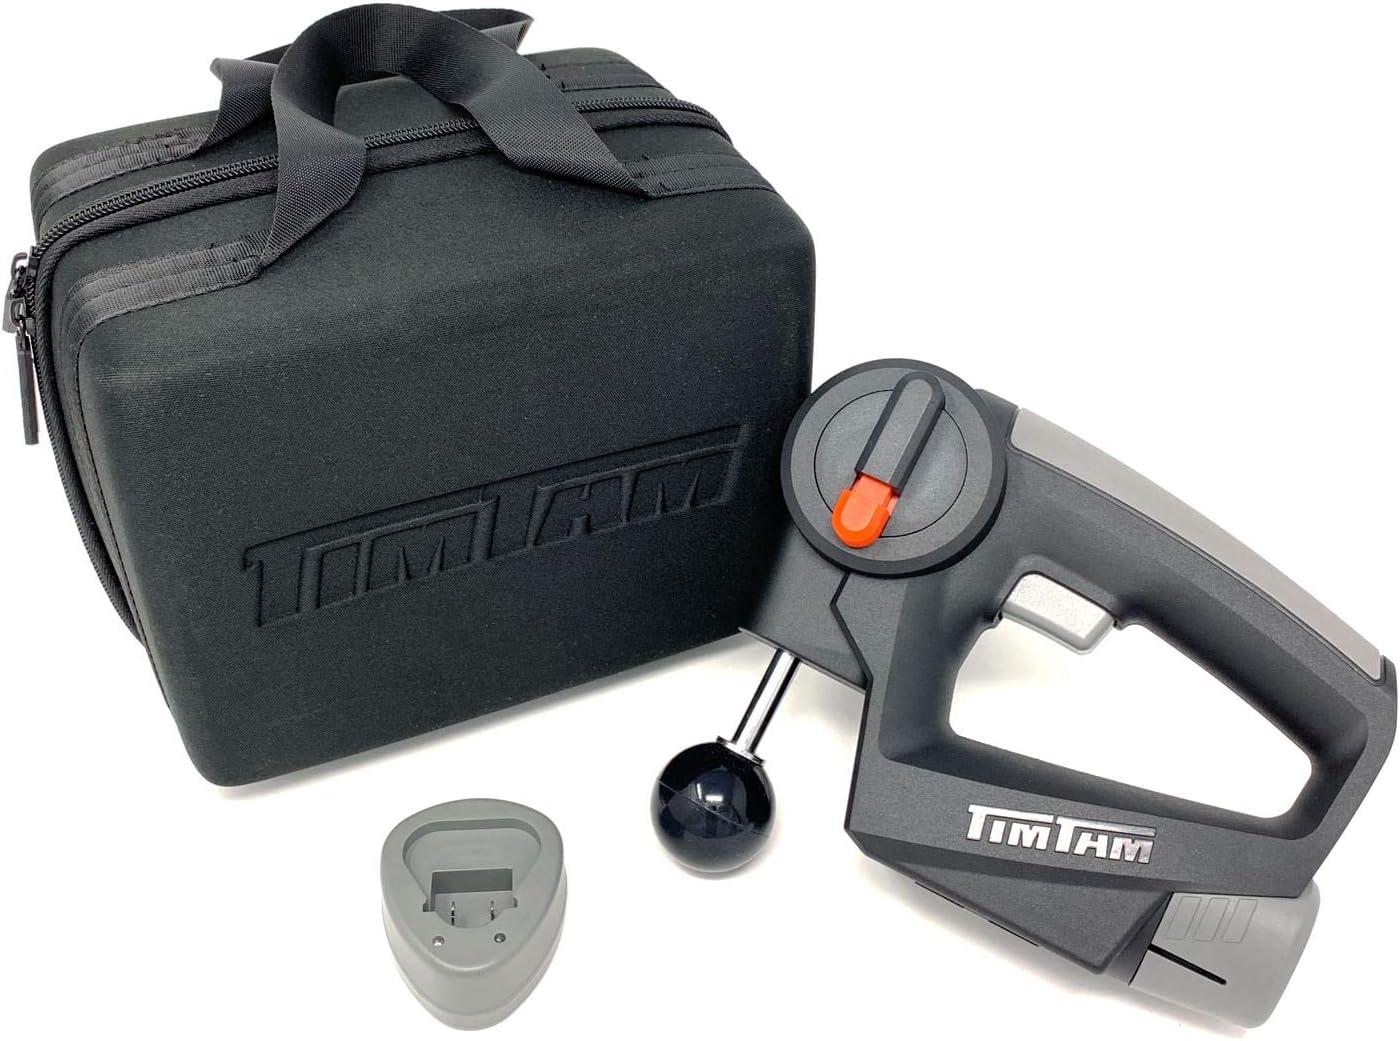 TimTam Power Massager